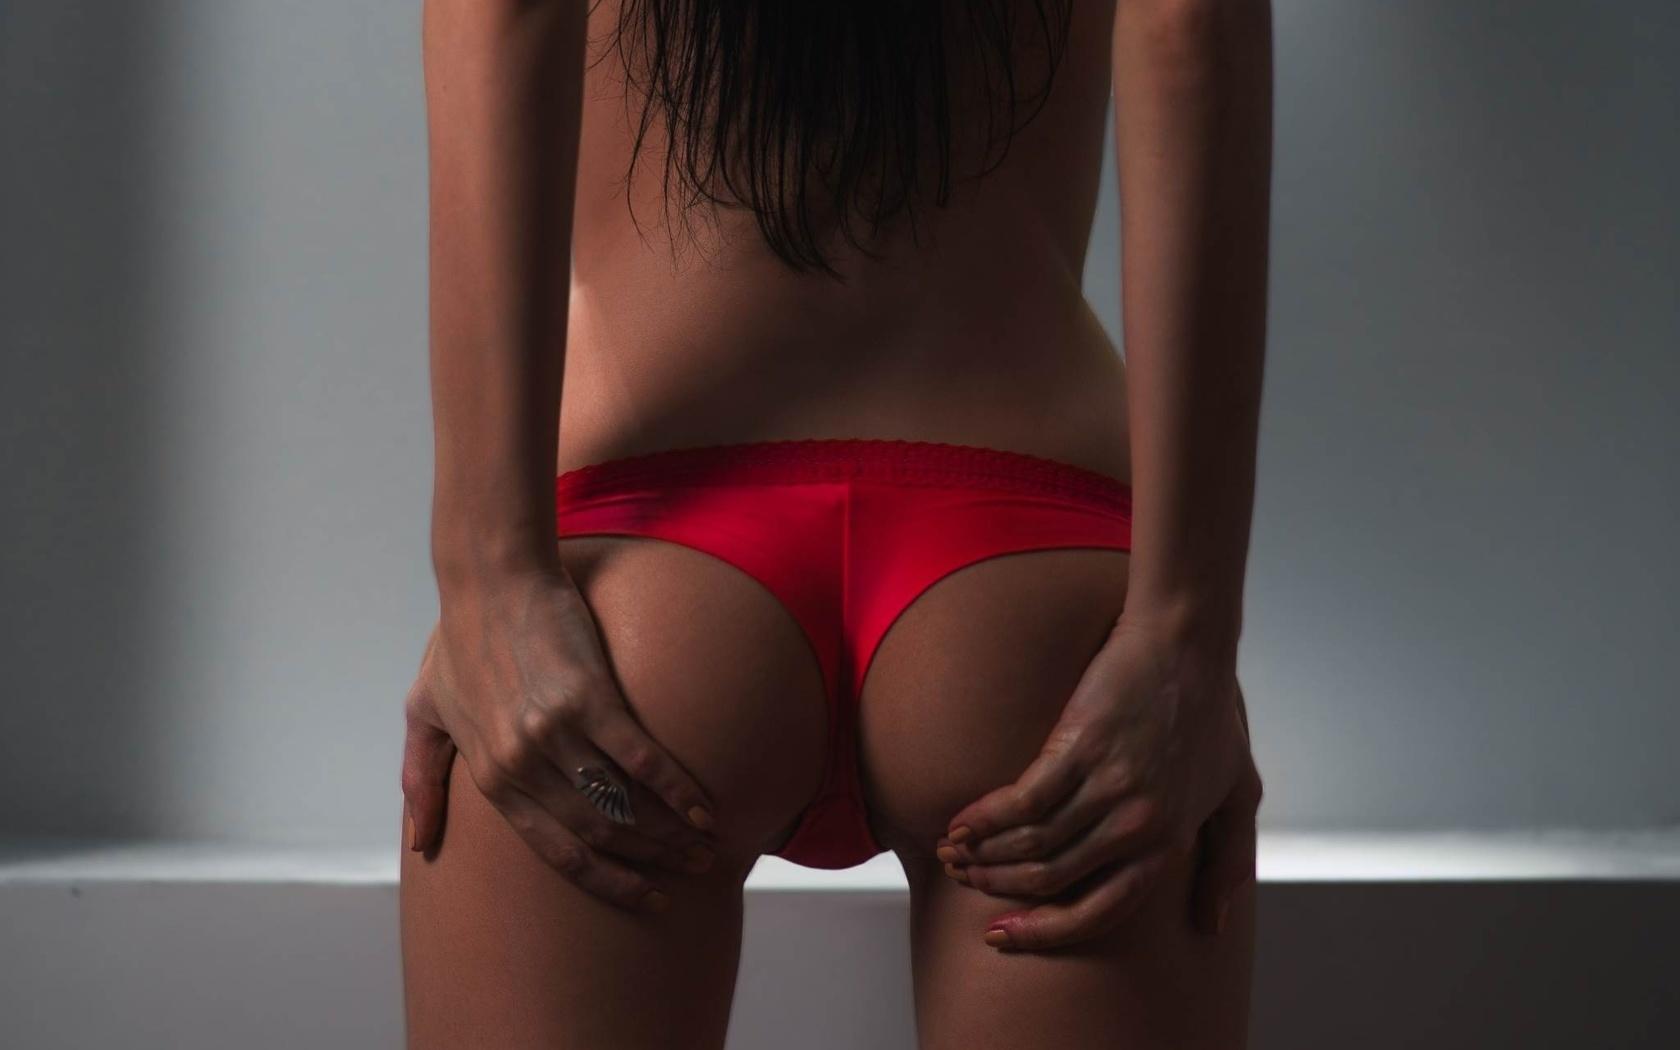 Секс девушки худышки, Порно с худыми девушками онлайн, секс видео 1 фотография